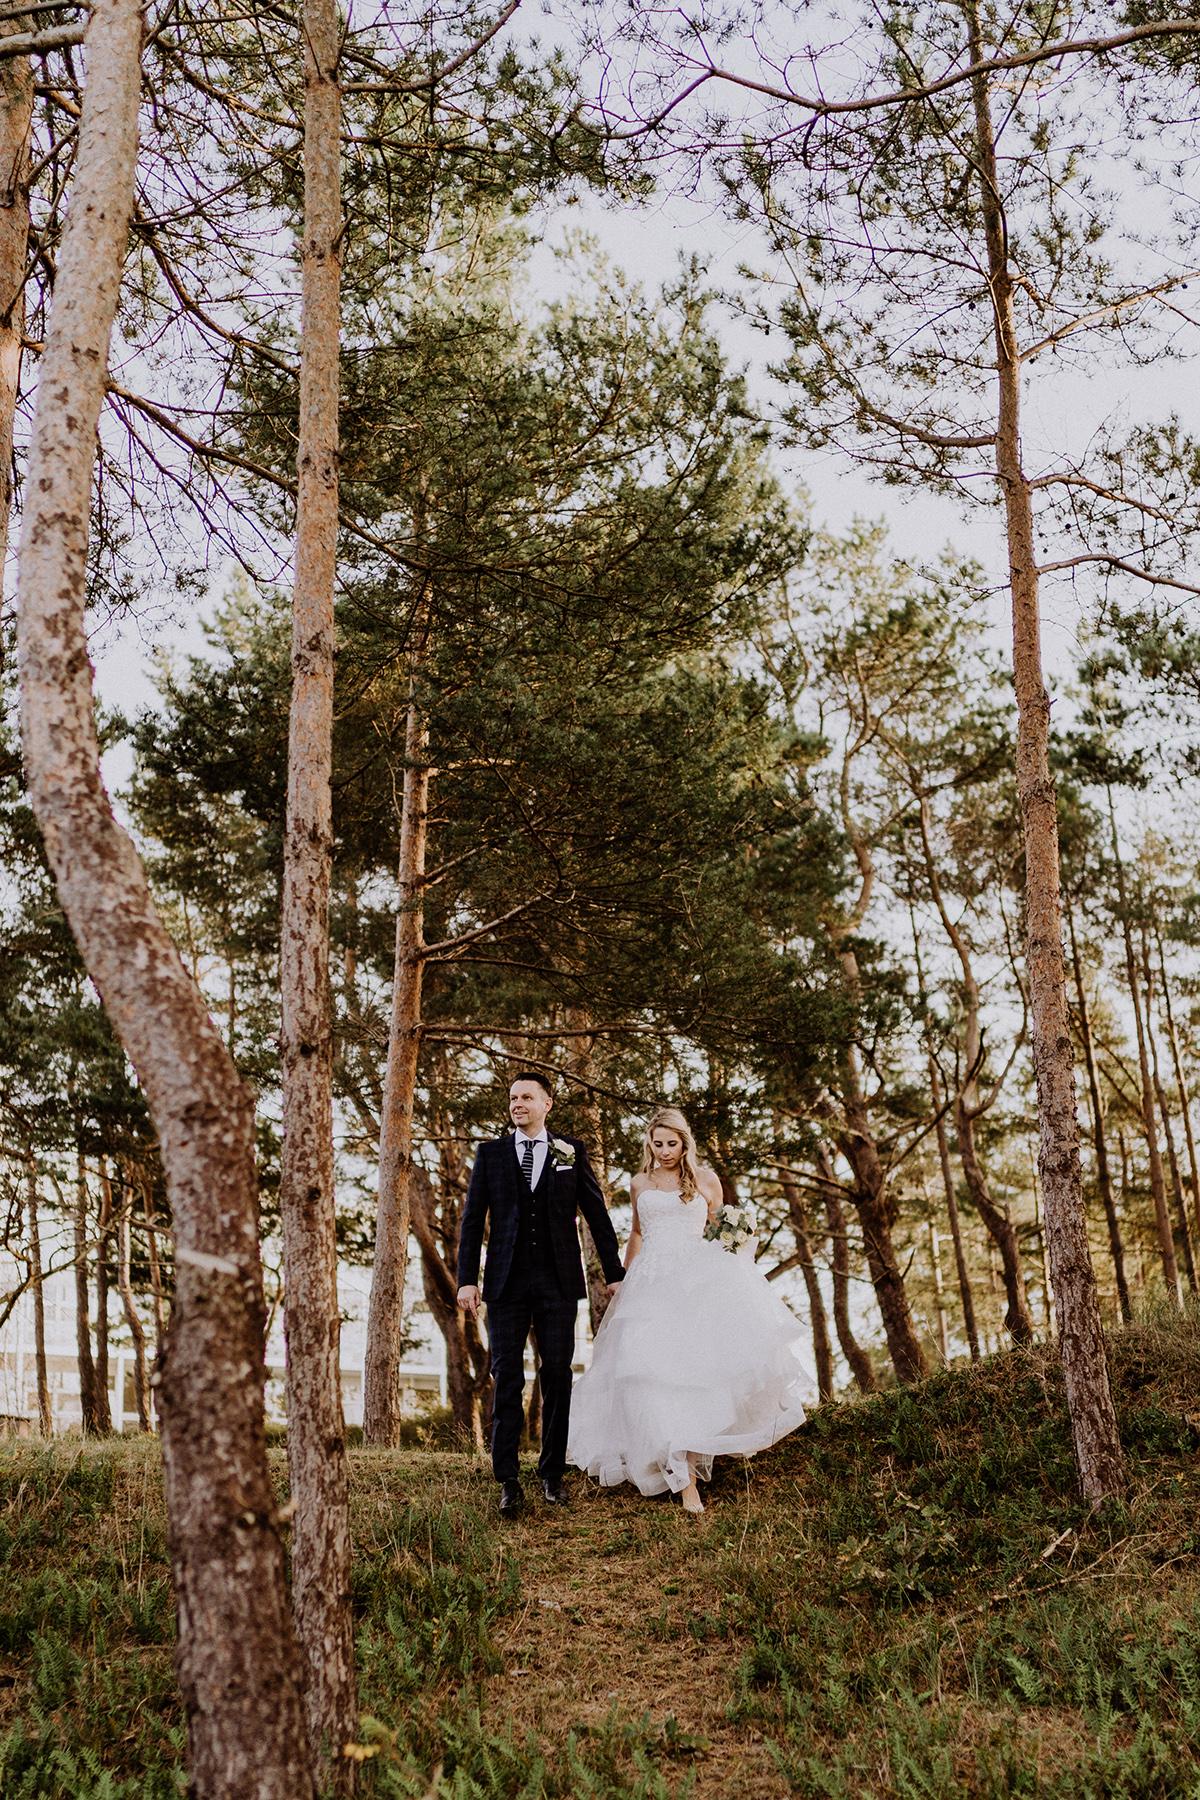 Brautpaarshooting im Wald Strandhochzeit Idee Hochzeitspaar Foto - standesamtliche Strandhochzeit - Hochzeitsfotografin an der Ostsee © www.hochzeitslicht.de #hochzeitslicht